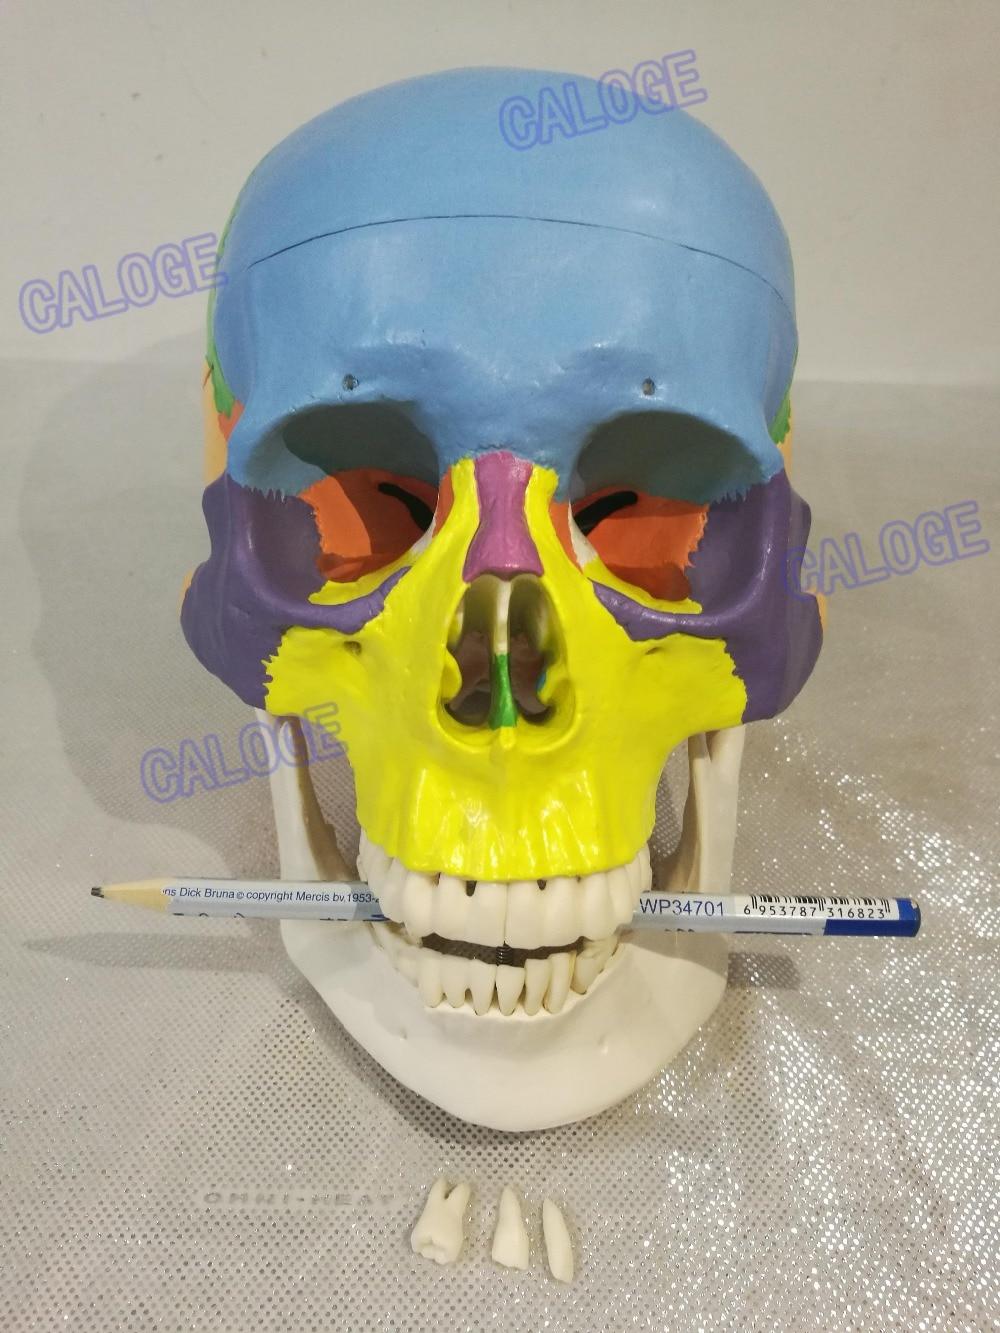 מבצעים מיוחדים הם על מכירה & 1:1 צבע ראש דגם, הטבעי גולגולת אנושית, ראש למבוגרים, את האנטומיה של רפואי.